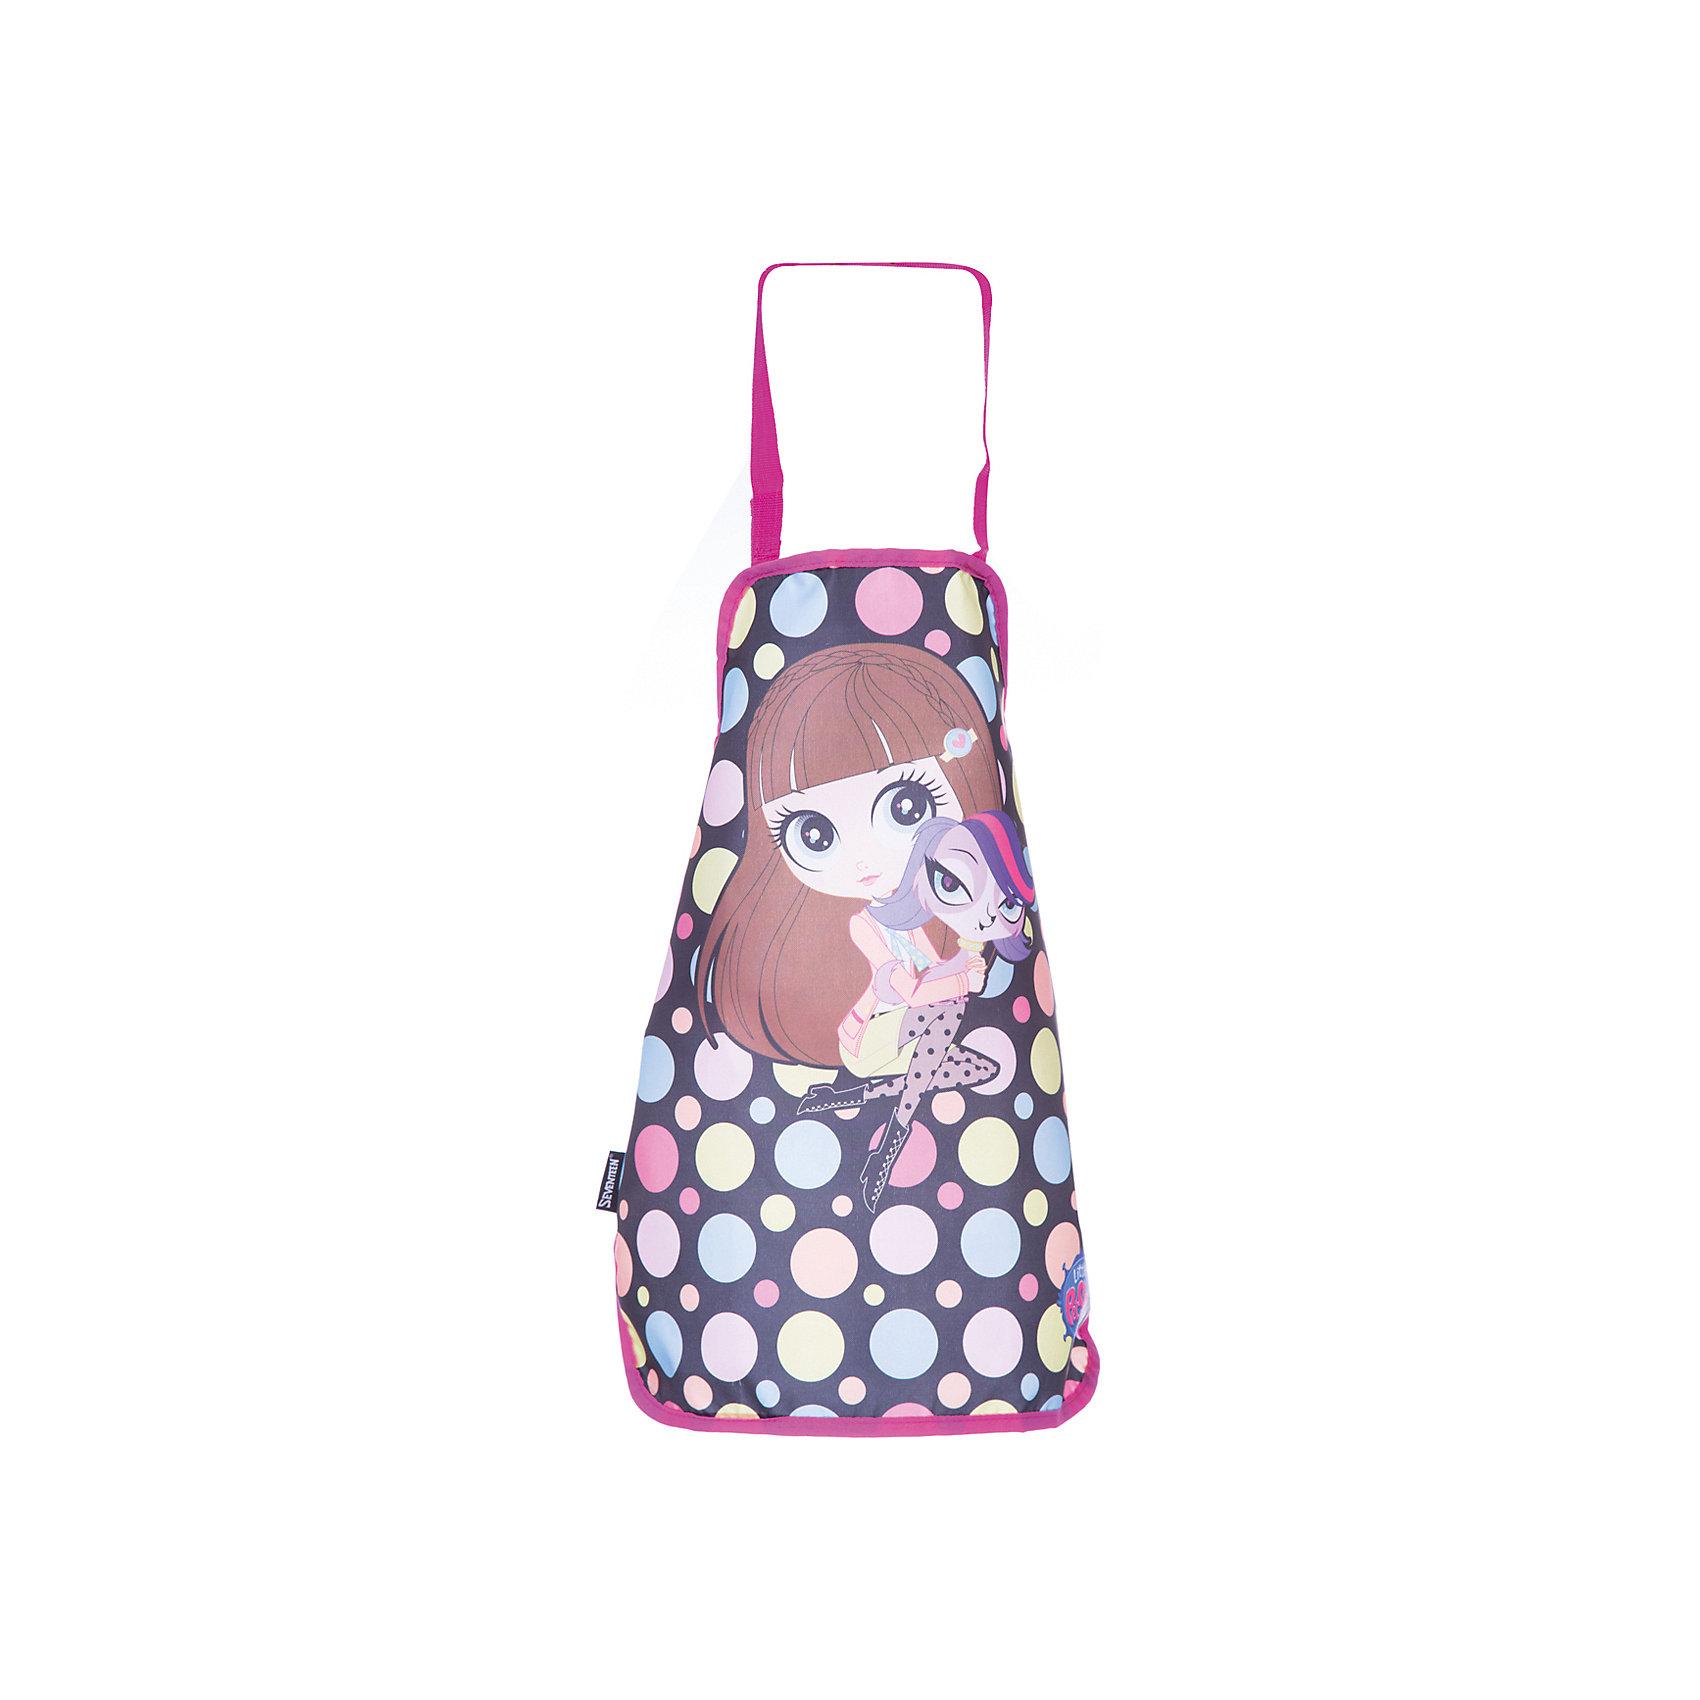 Фартук Littlest Pet ShopLittlest Pet Shop<br>Фартук для труда надежно защитит Вашего ребенка от различных пятен и загрязнений при занятиях творчеством. С фартуком ваш малыш сможет без опасений заниматься любимым делом. Он изготовлен из водостойкого материала. Его можно зафиксировать на талии и на шее с помощью специальных ремней. Ремень, предназначенный для фиксации на шее, имеет металлические приспособления для регулировки длины.<br><br>Дополнительная информация:<br><br>Размер: 51 х 44 см.<br>Размер упаковки: 27 х 16,5 х 0,5 см.<br>Фартук детский из водостойкого материала.<br><br>Фартук Littlest Pet Shop (Маленький зоомагазин) можно купить в нашем магазине.<br><br>Ширина мм: 270<br>Глубина мм: 165<br>Высота мм: 5<br>Вес г: 70<br>Возраст от месяцев: 48<br>Возраст до месяцев: 84<br>Пол: Женский<br>Возраст: Детский<br>SKU: 4140872